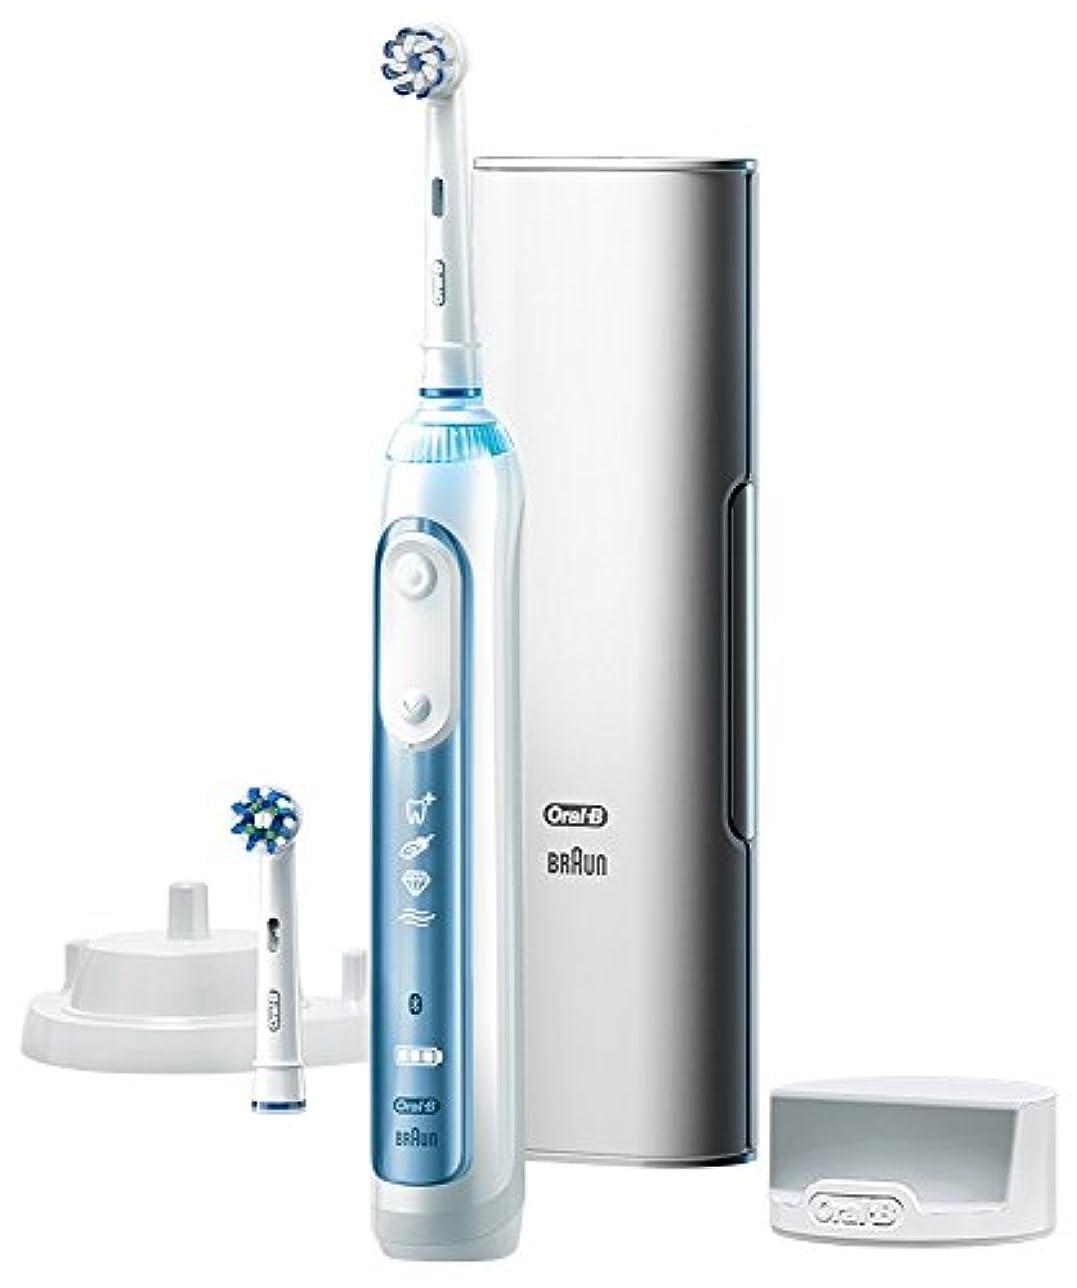 毛布六証明するブラウン オーラルB 電動歯ブラシ スマート7000 D7005245XP D7005245XP